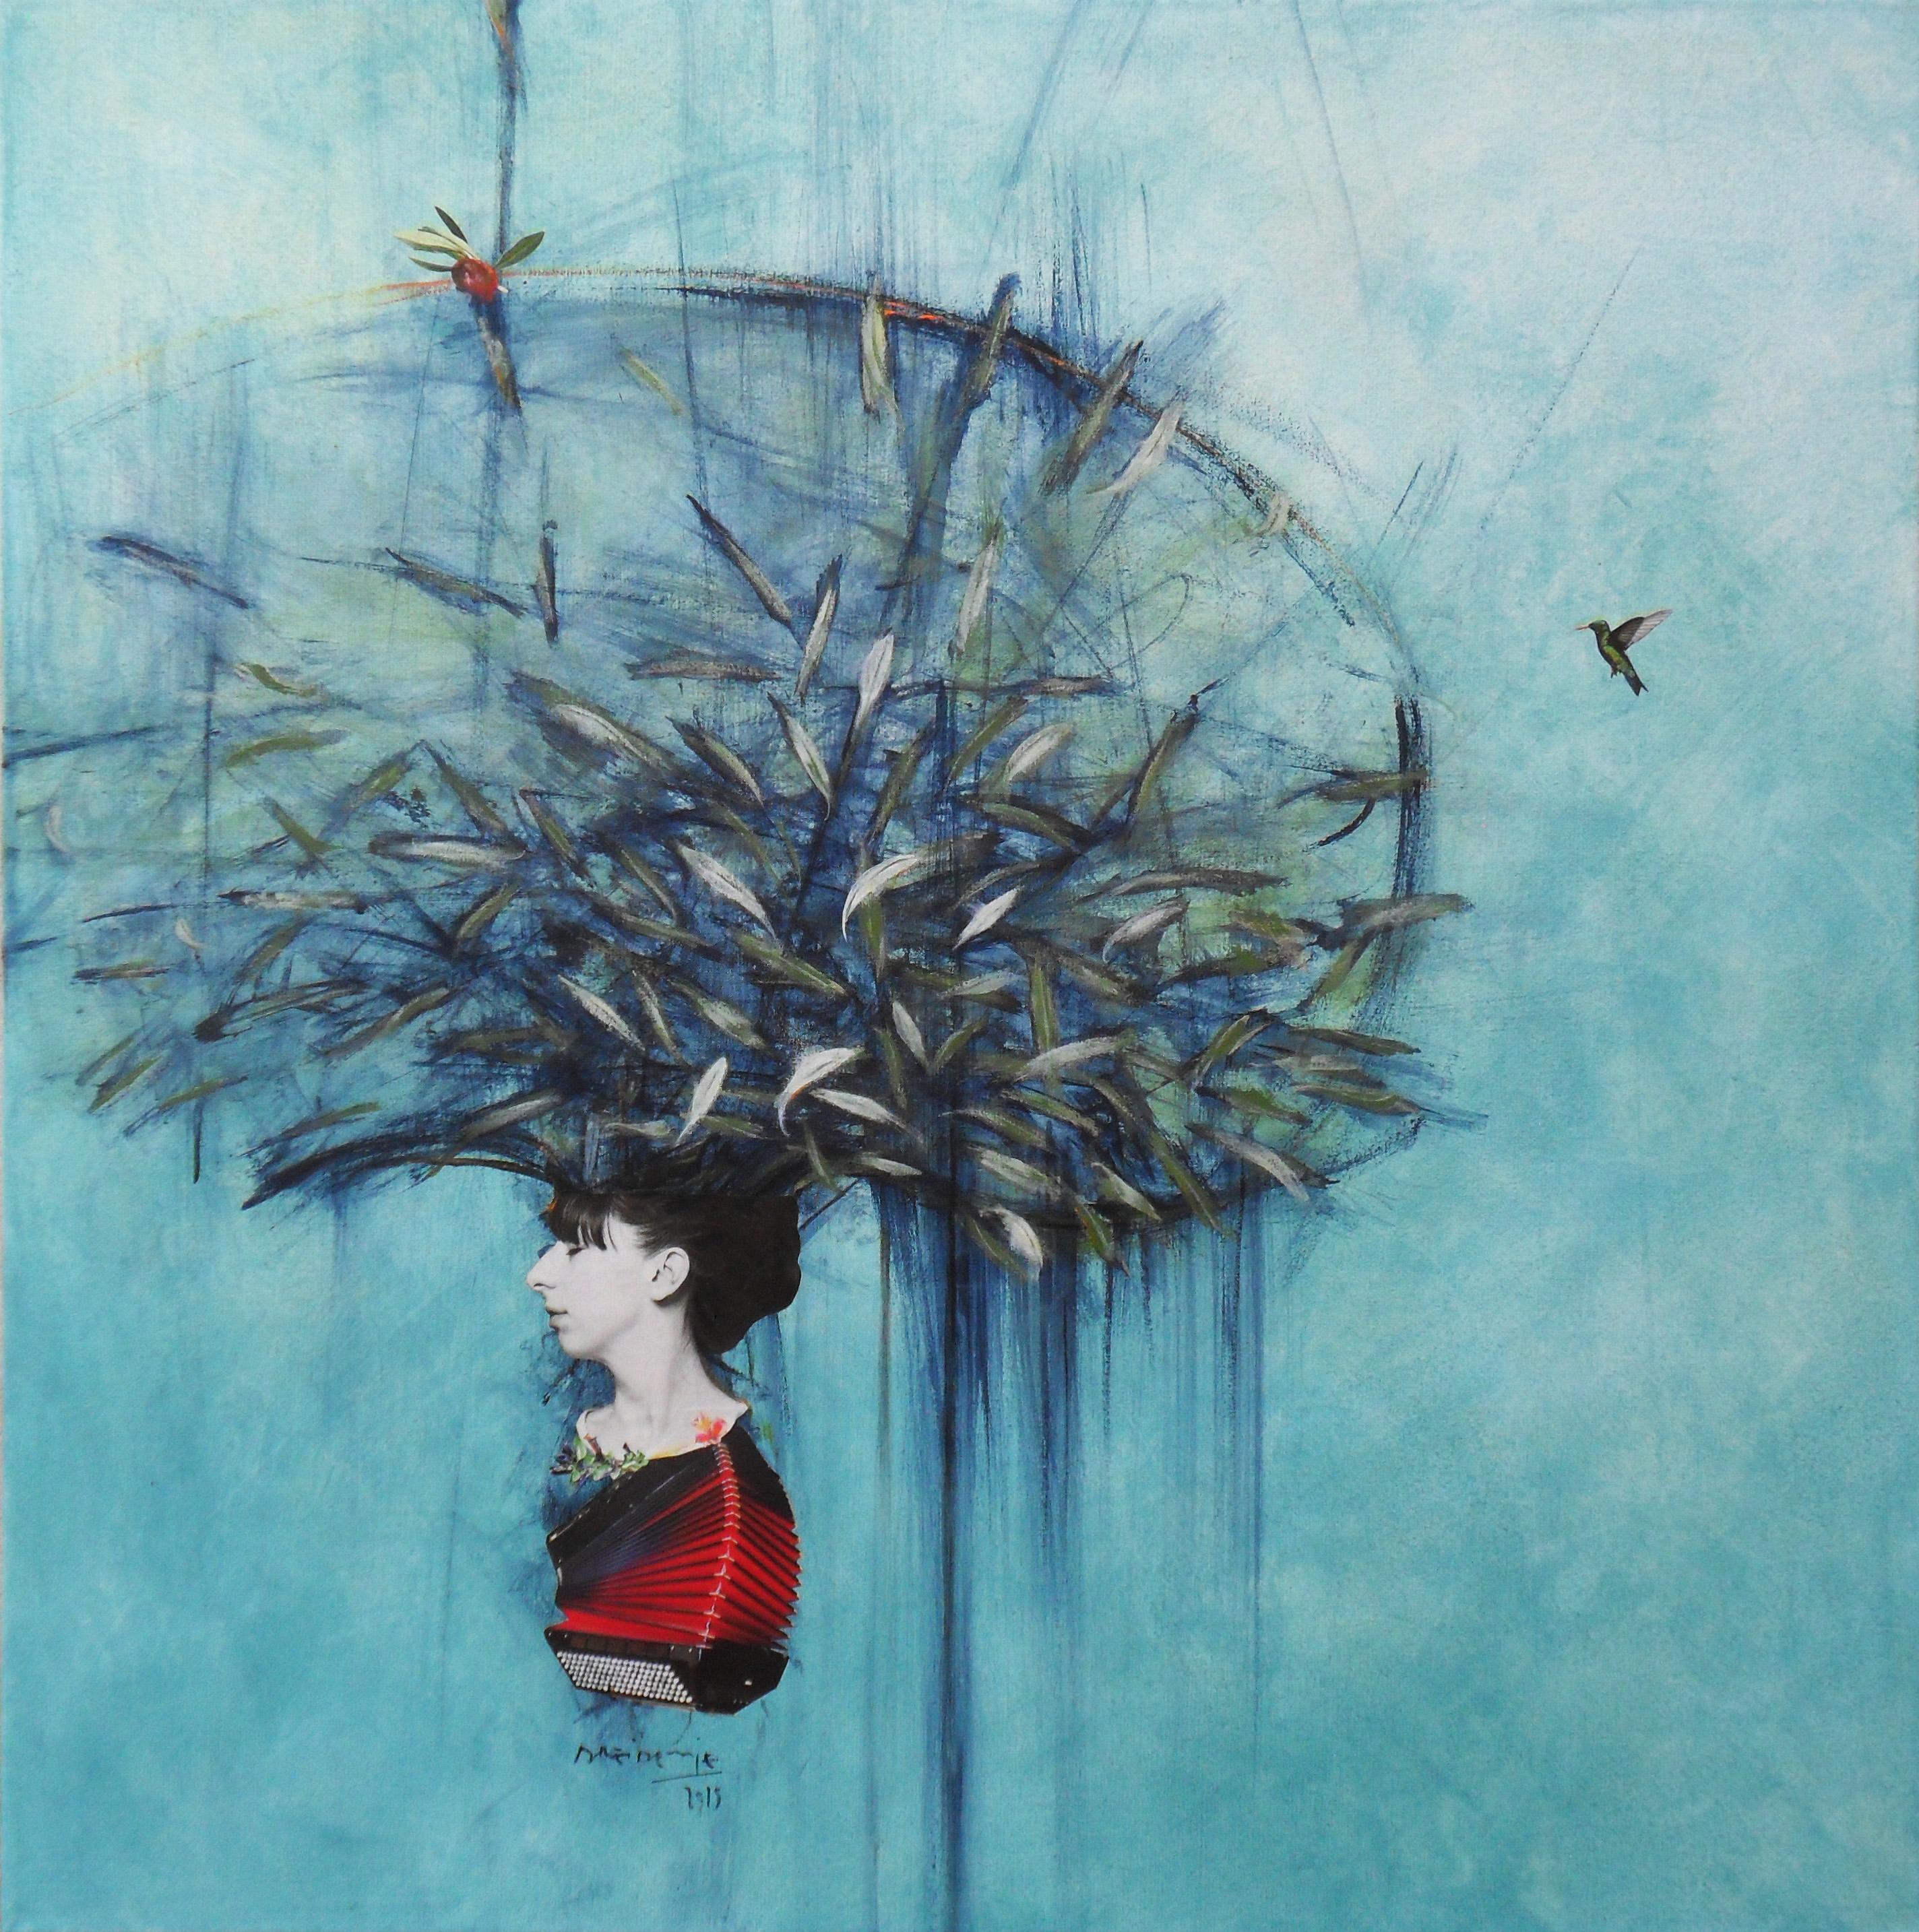 MEMORIA OLIVA Y ROJO - técnica mixta sobre tela - 70 x 70 cm - 2015